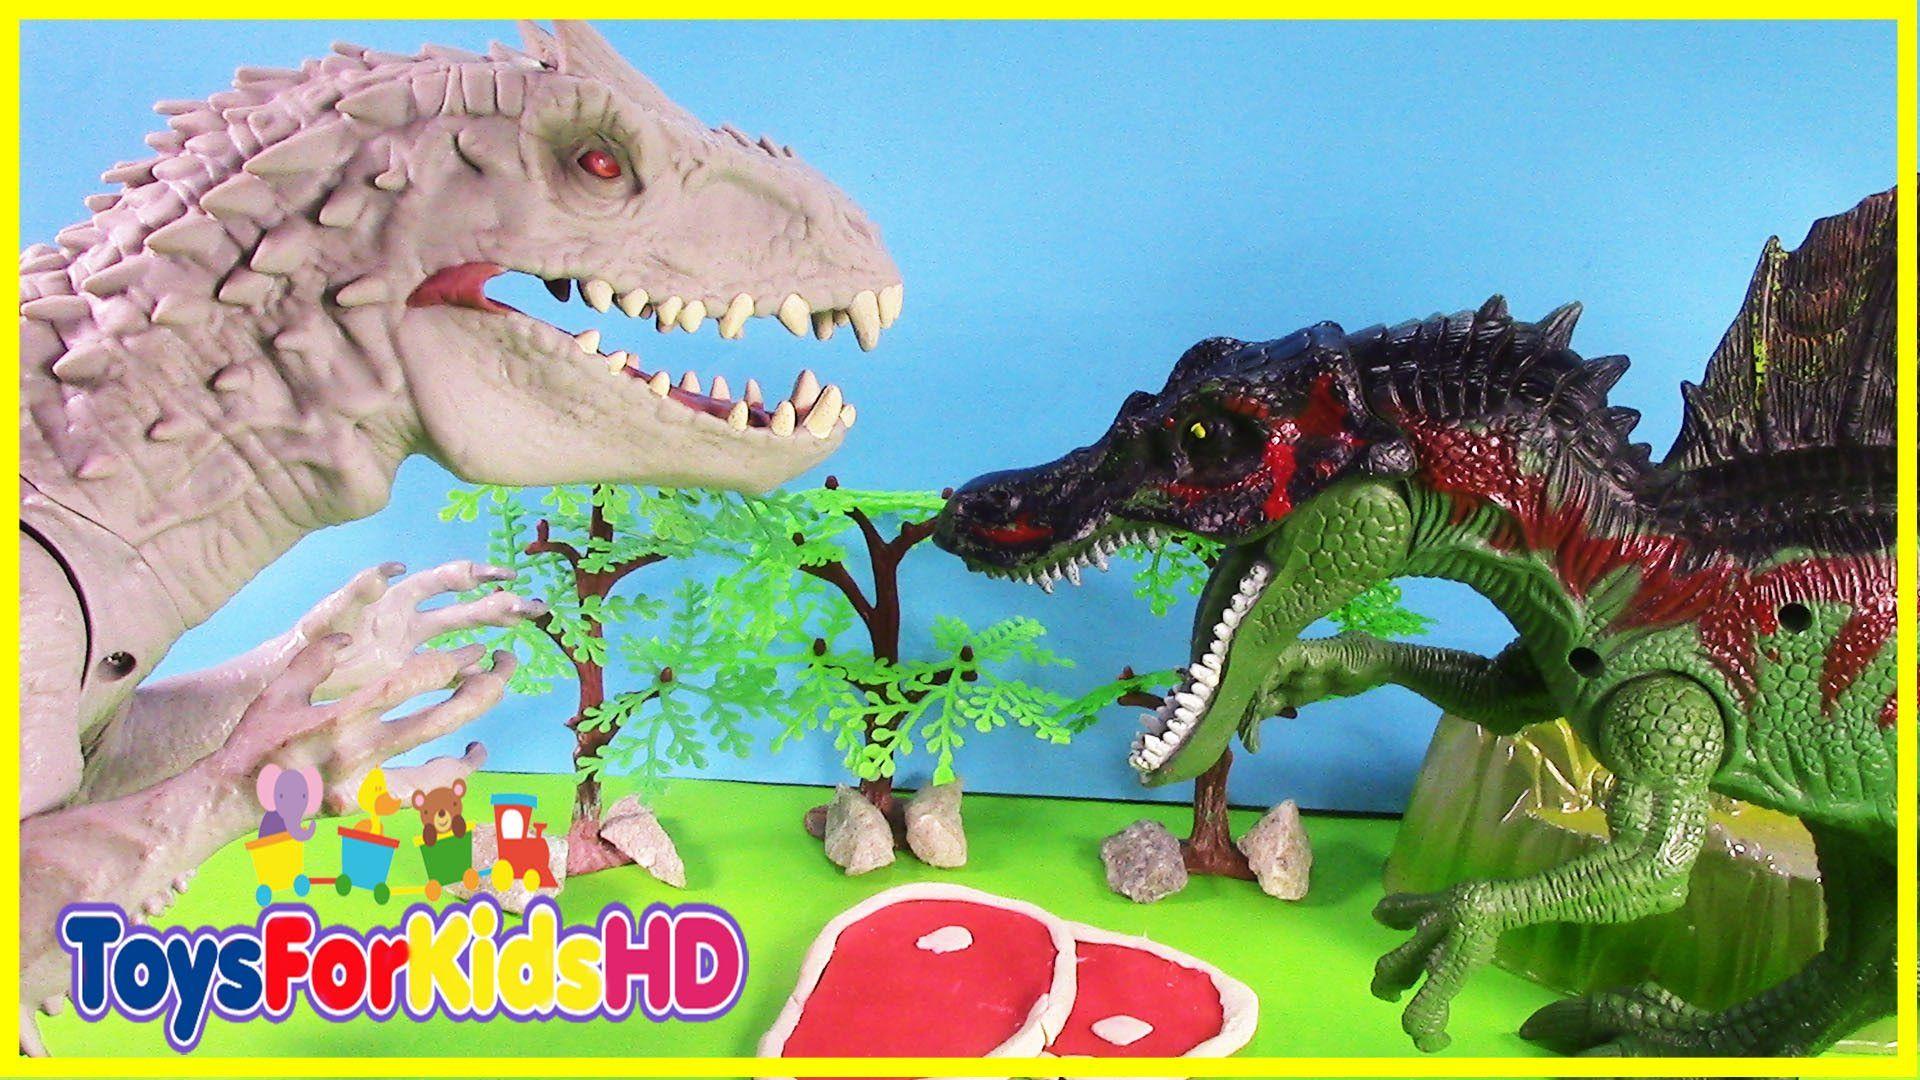 Los Dinosaurios para niños Spinosaurus v/s Indominus Rex - Videos de ...